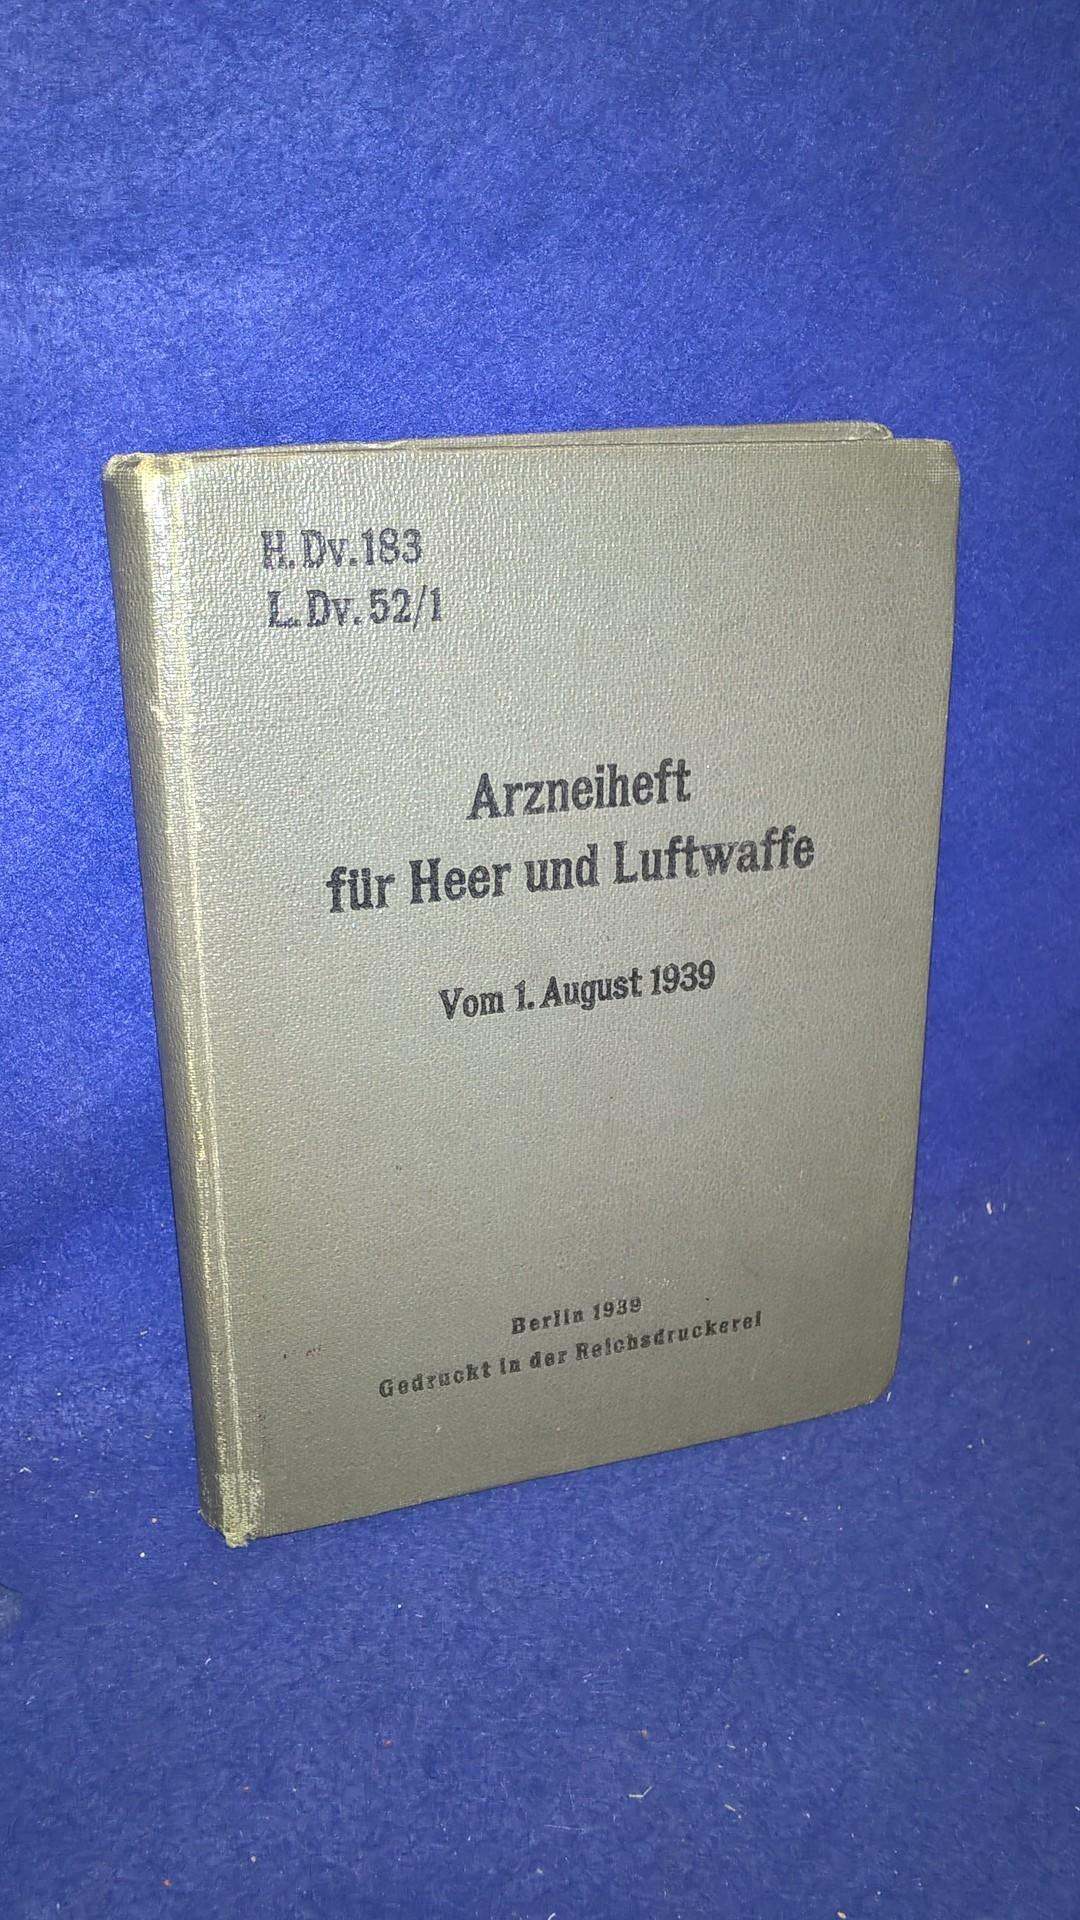 H.DV.183/L.DV52/1 Arzneiheft für Heer und Luftwaffe 1939